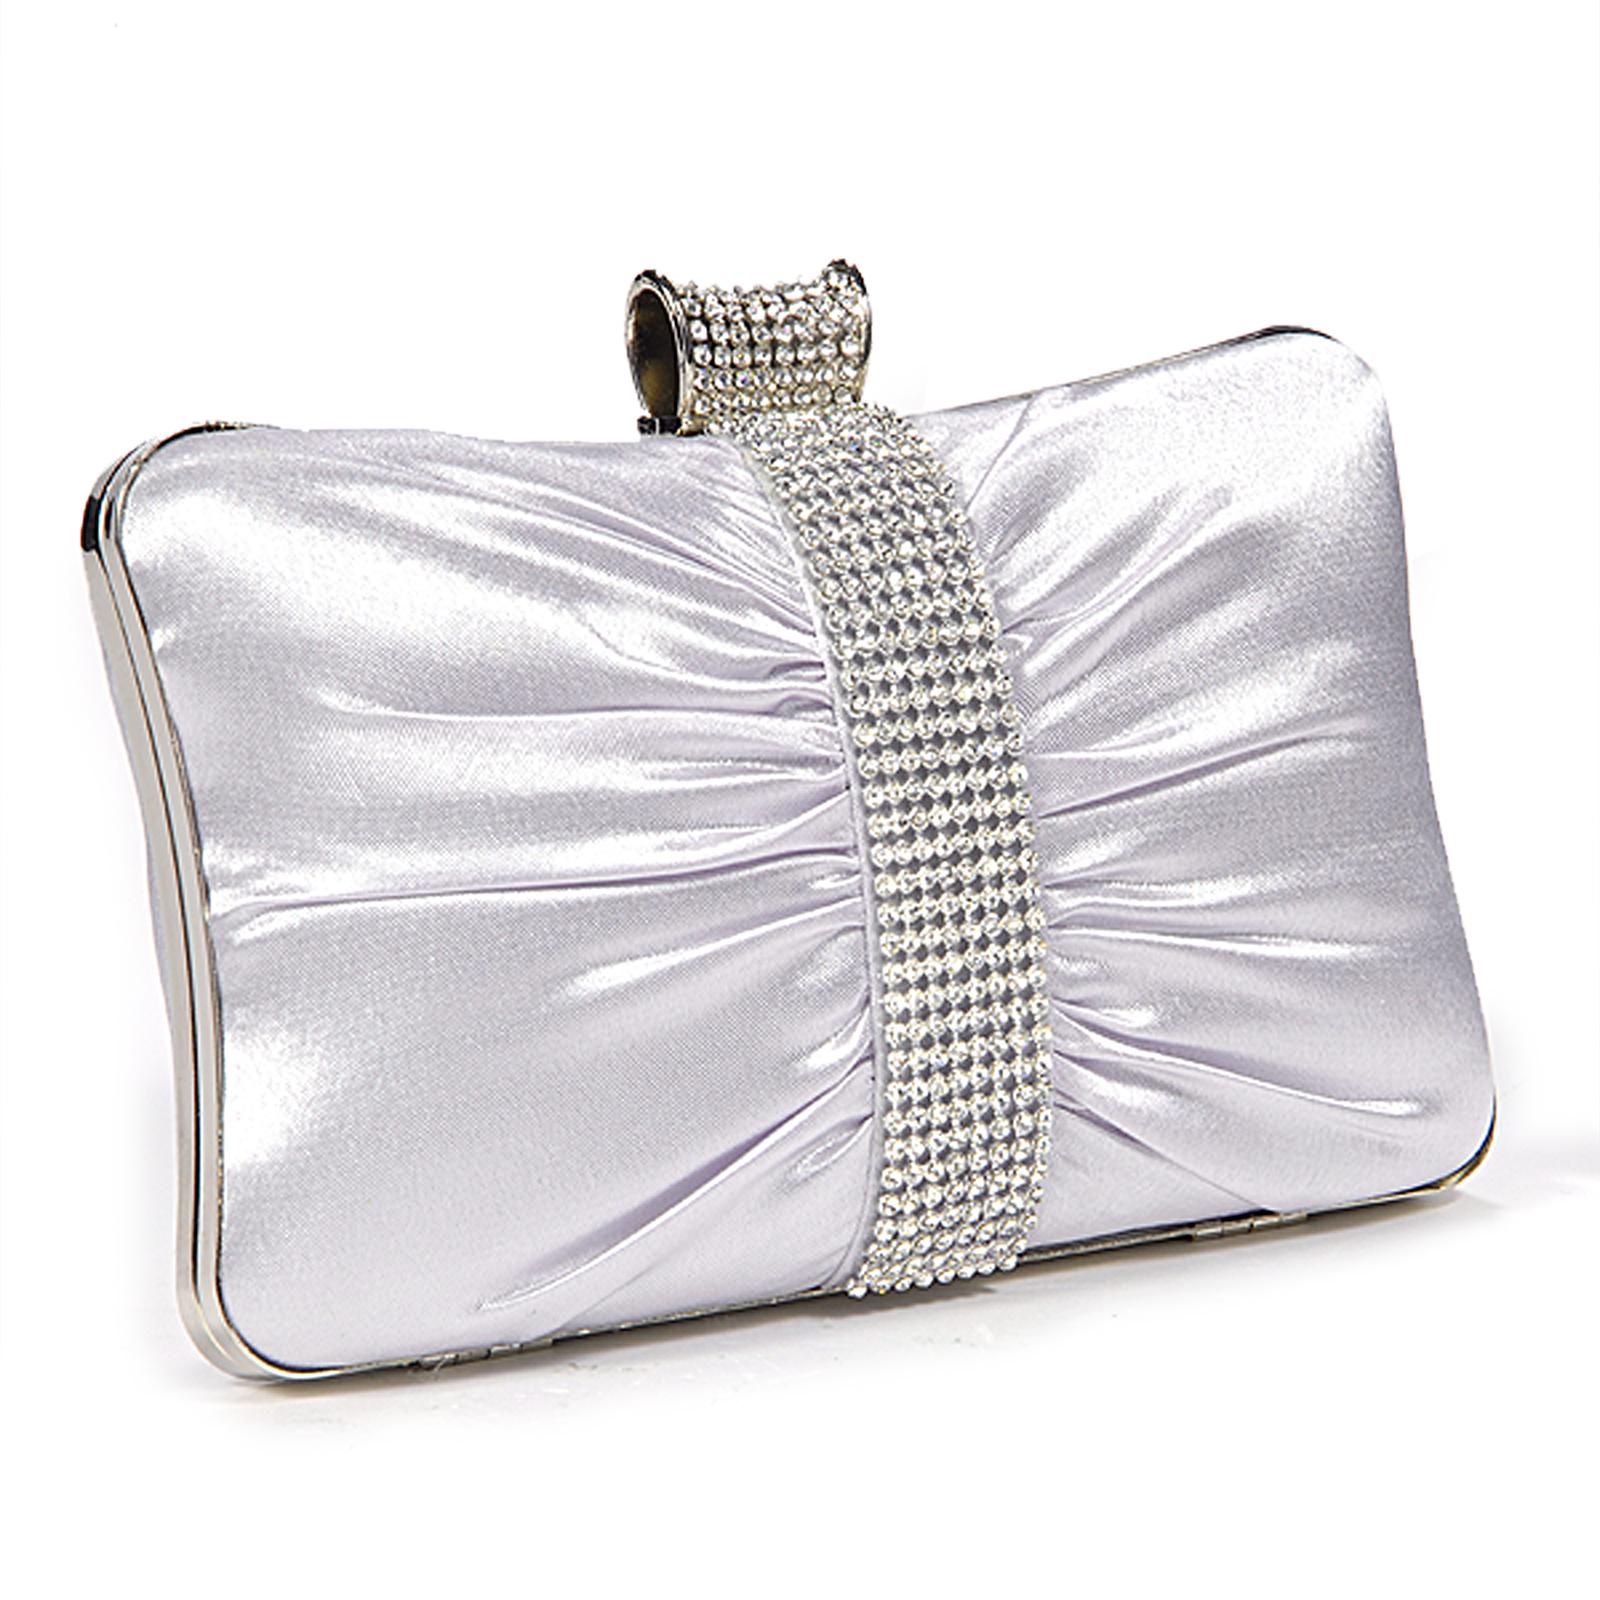 Womens Diamante Crystal Wedding Bridal Evening Clutch Bag Purse Silver Black | EBay